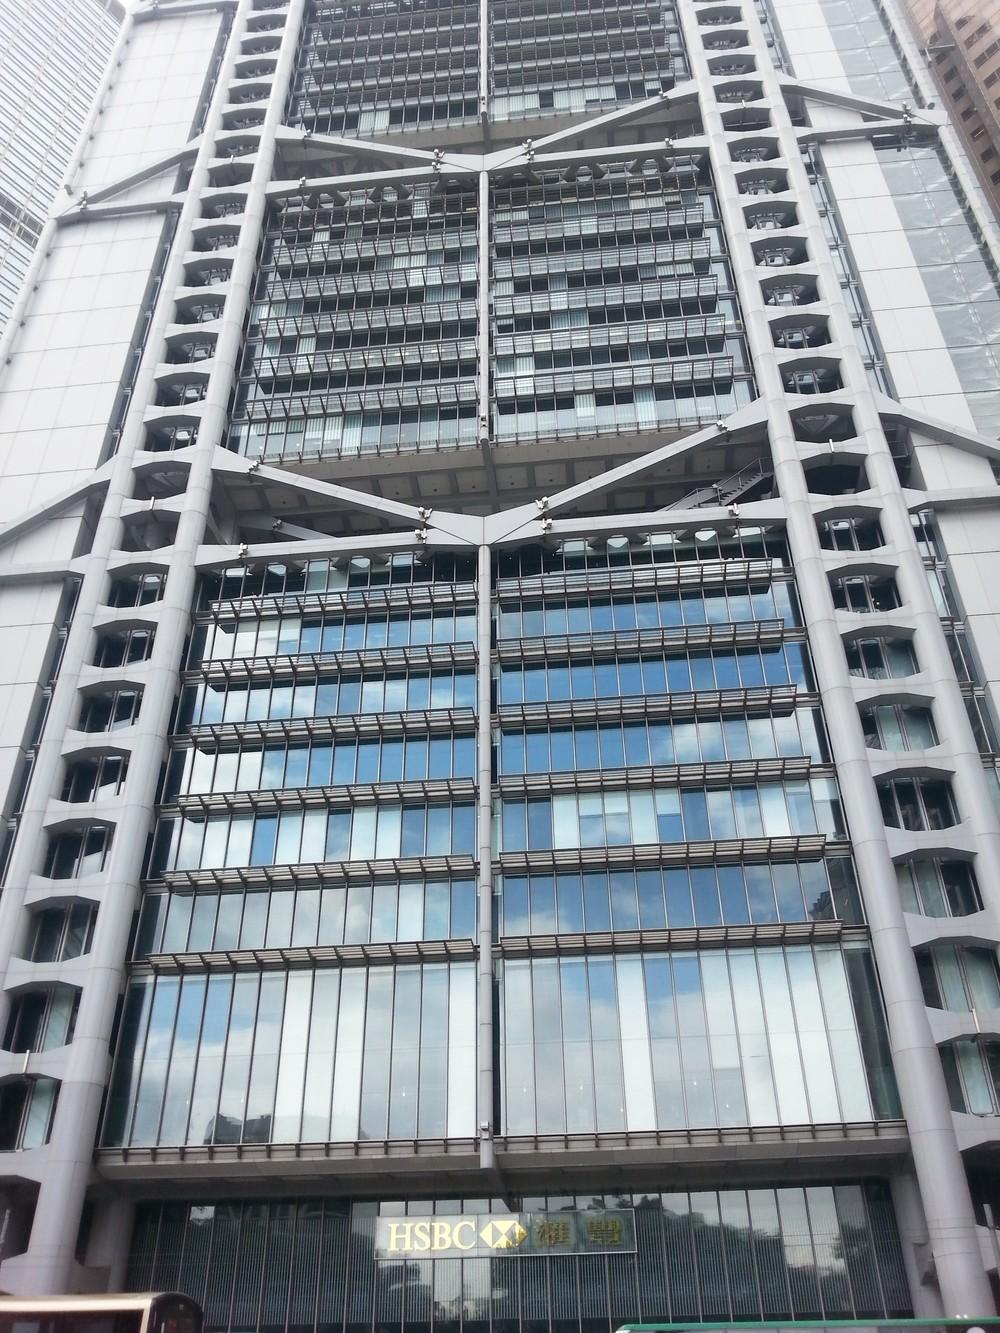 Iconic HSBC